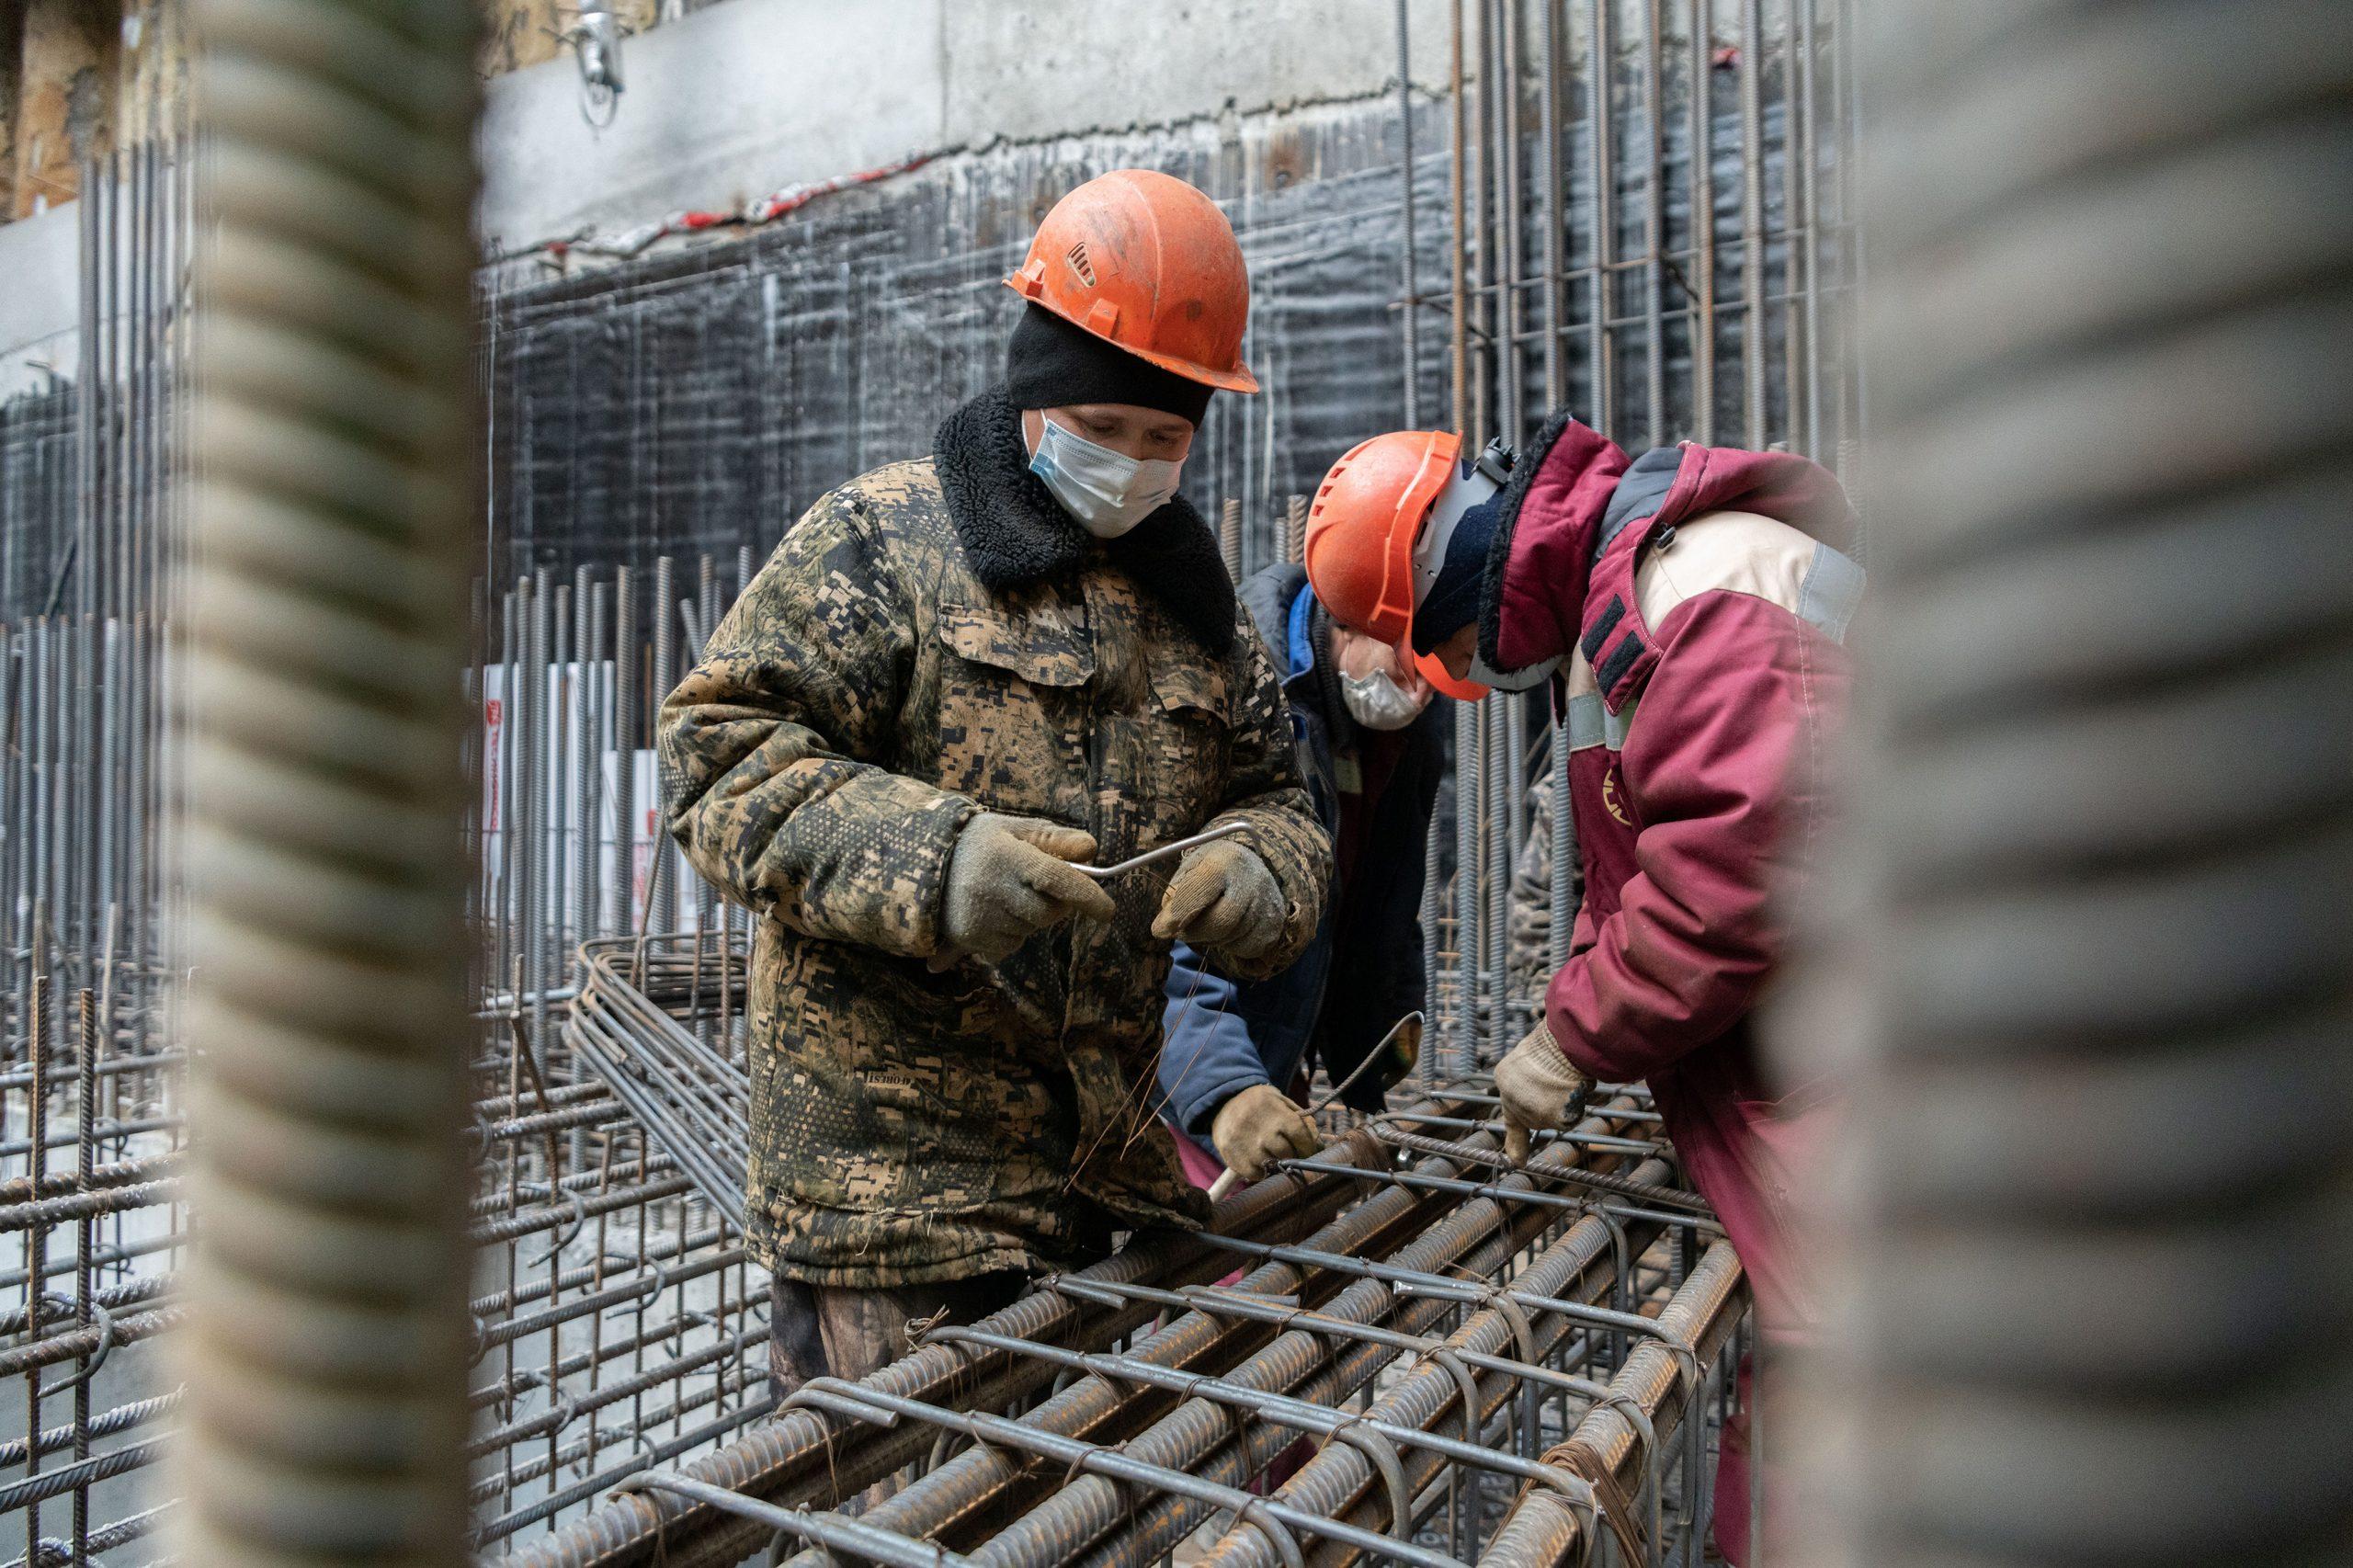 Интересные подробности о строительстве Большой кольцевой линии рассказали жителям Москвы